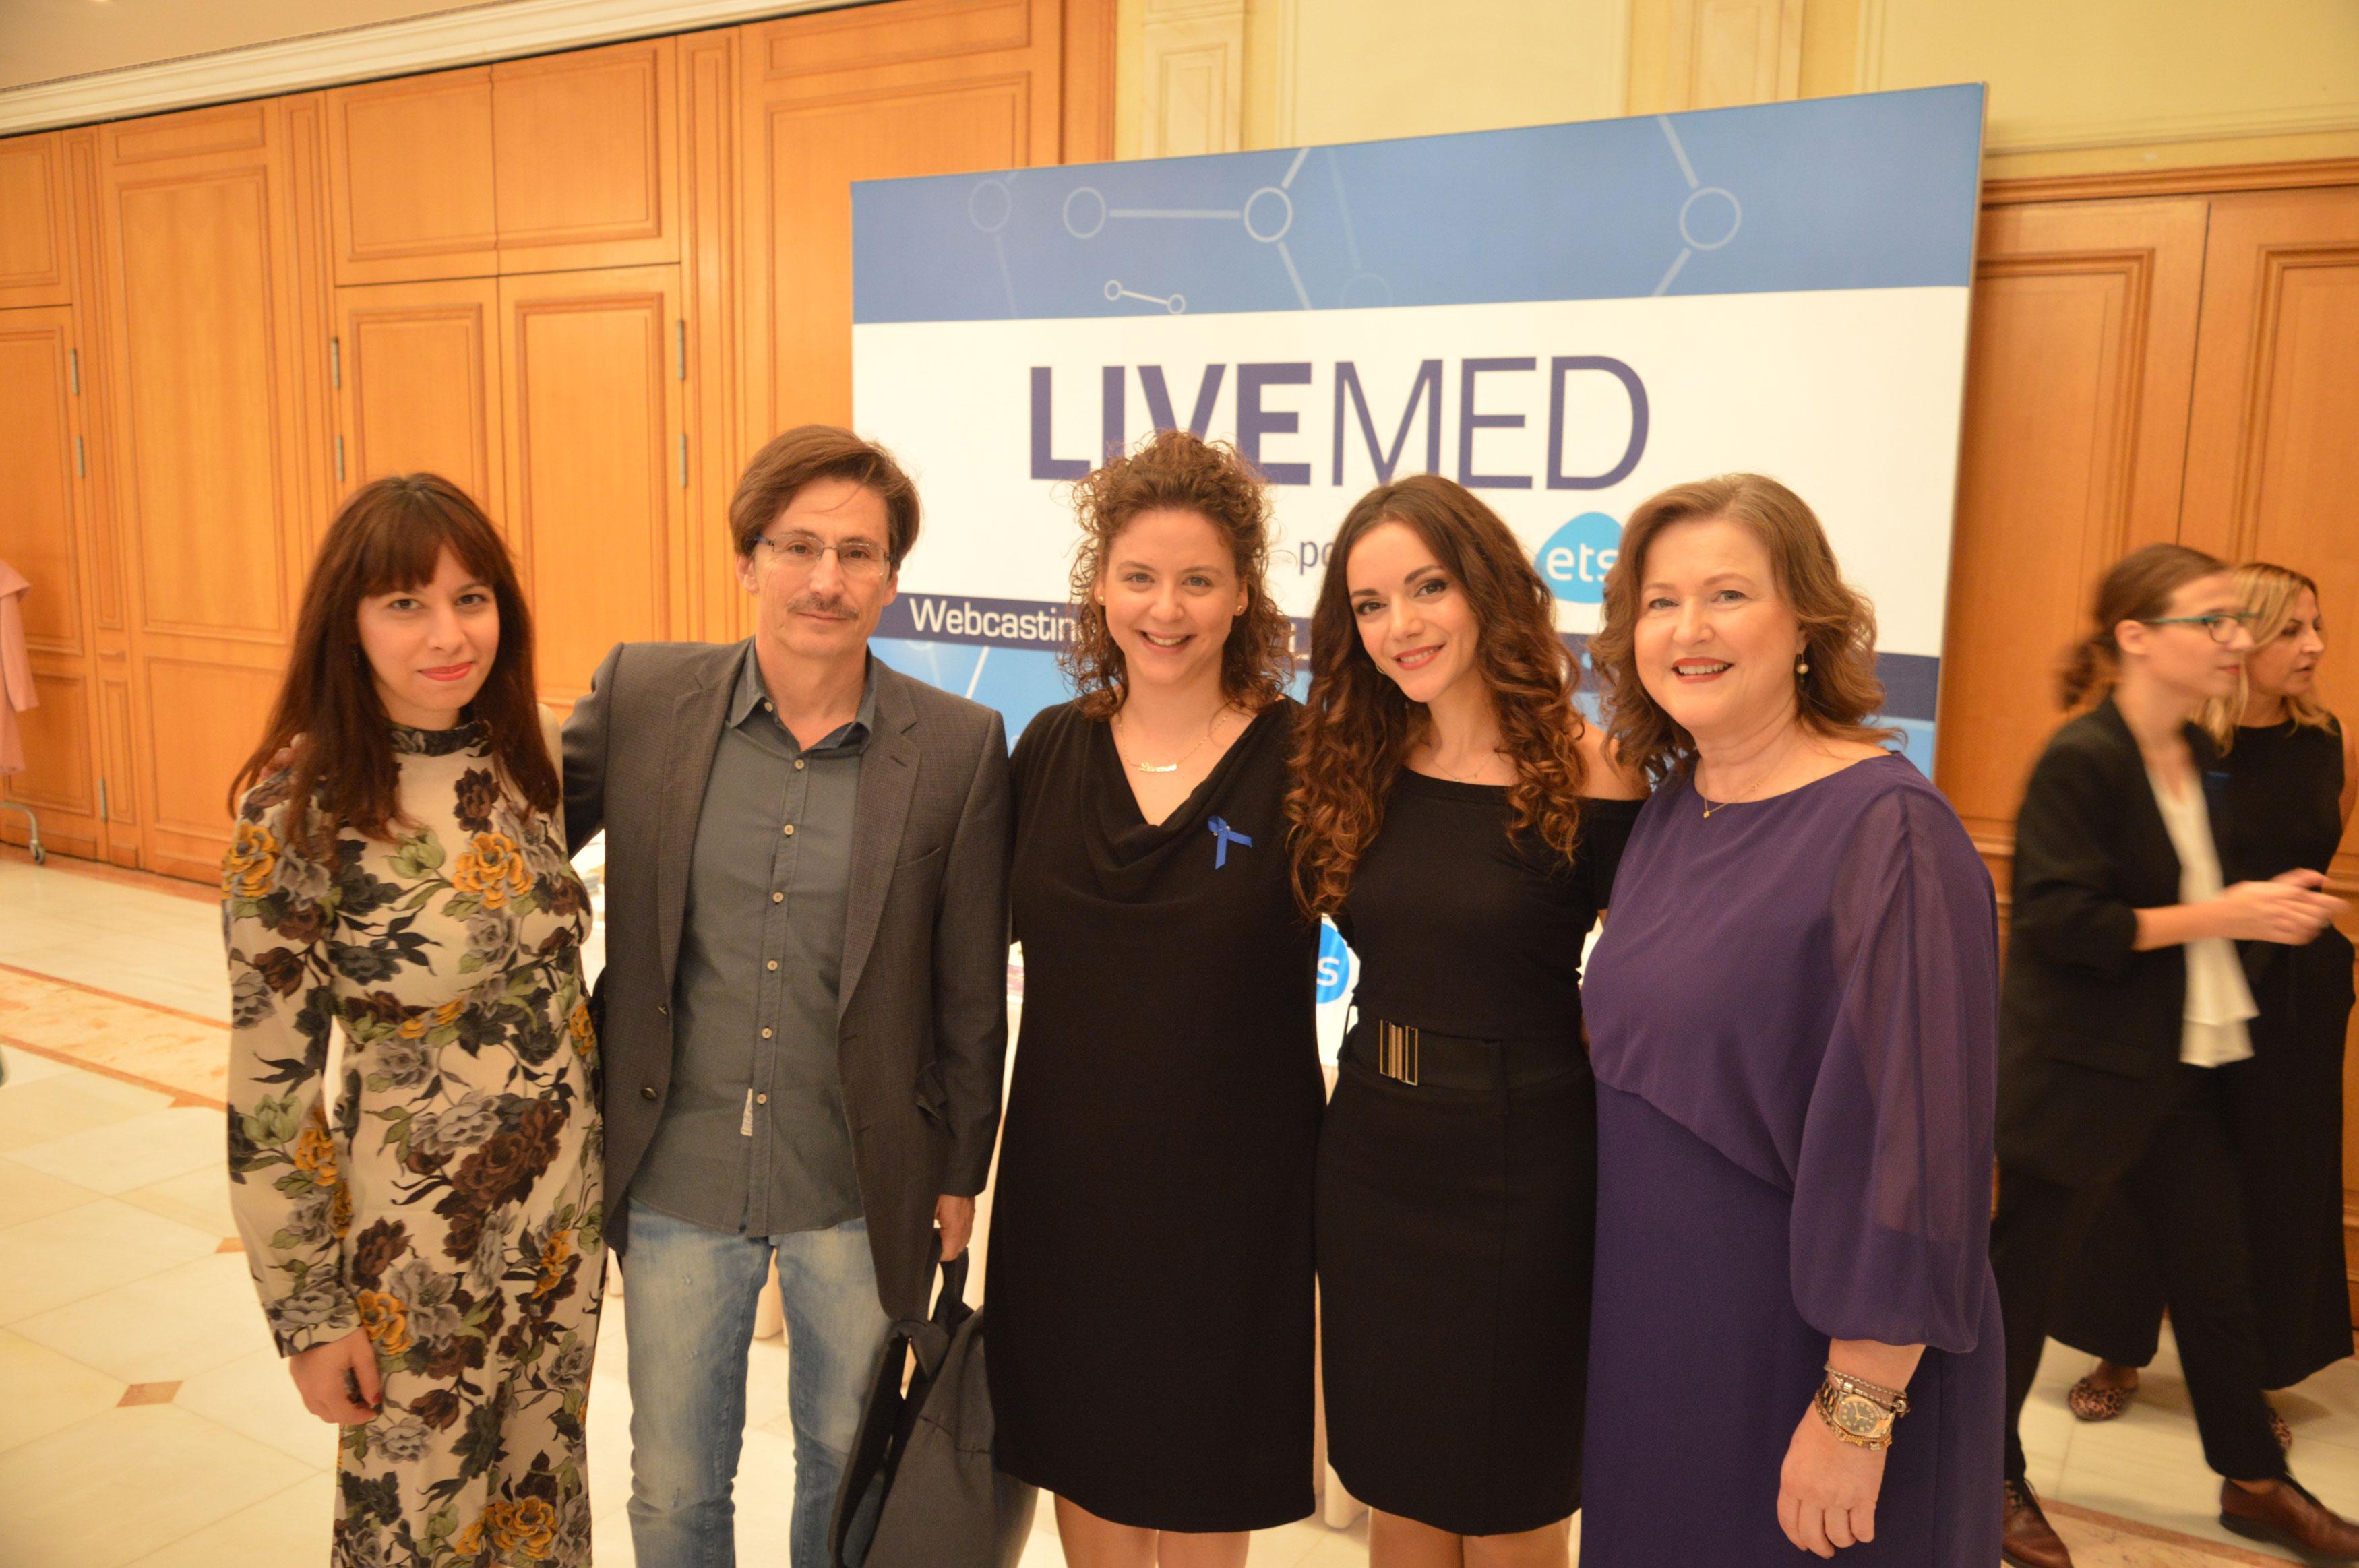 Από αριστερά Στέλλα Γιοβάνη, ο σκηνοθέτης Δημήτρης Τάρλοου, οι μουσικοί Δέσποινα Σπαή, Στέλλα Ζιοπούλου και η Πρόεδρος της ΑΚΟΣ Δρ. Δέσποινα Κατσώχη.